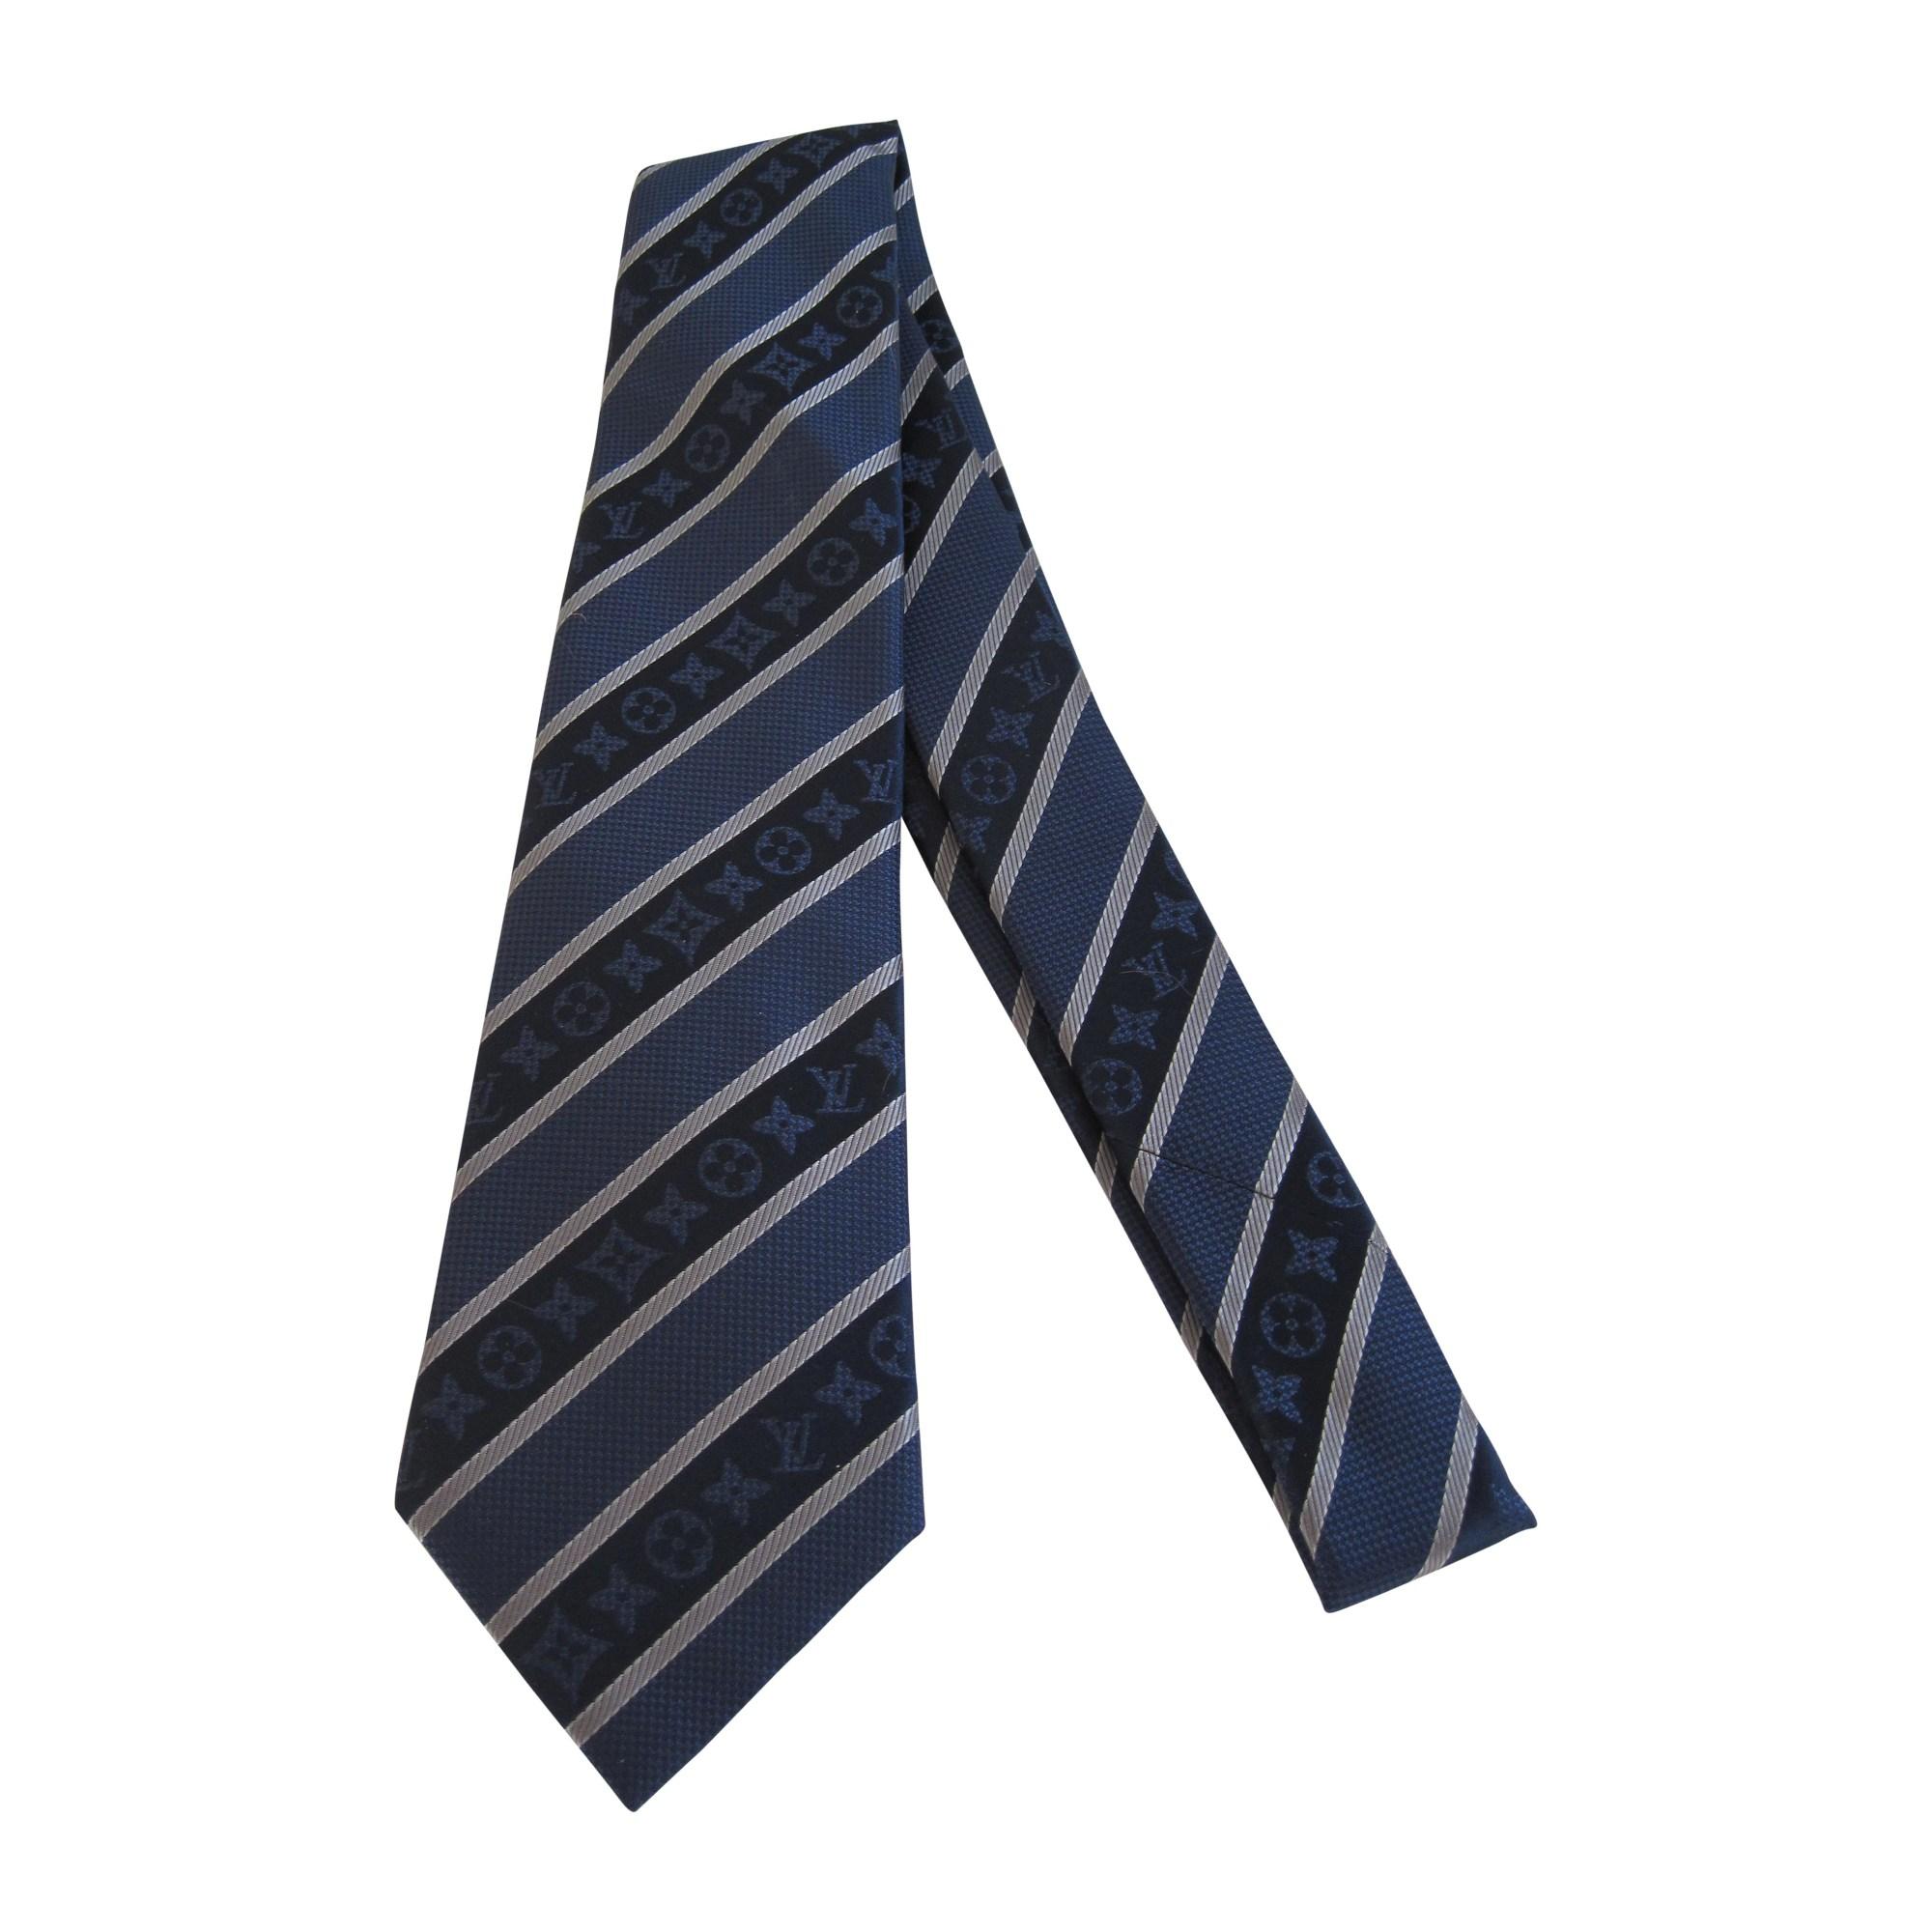 2dc5bb35801f4 Krawatte LOUIS VUITTON blau vendu par Maomao 8520406 - 2094726